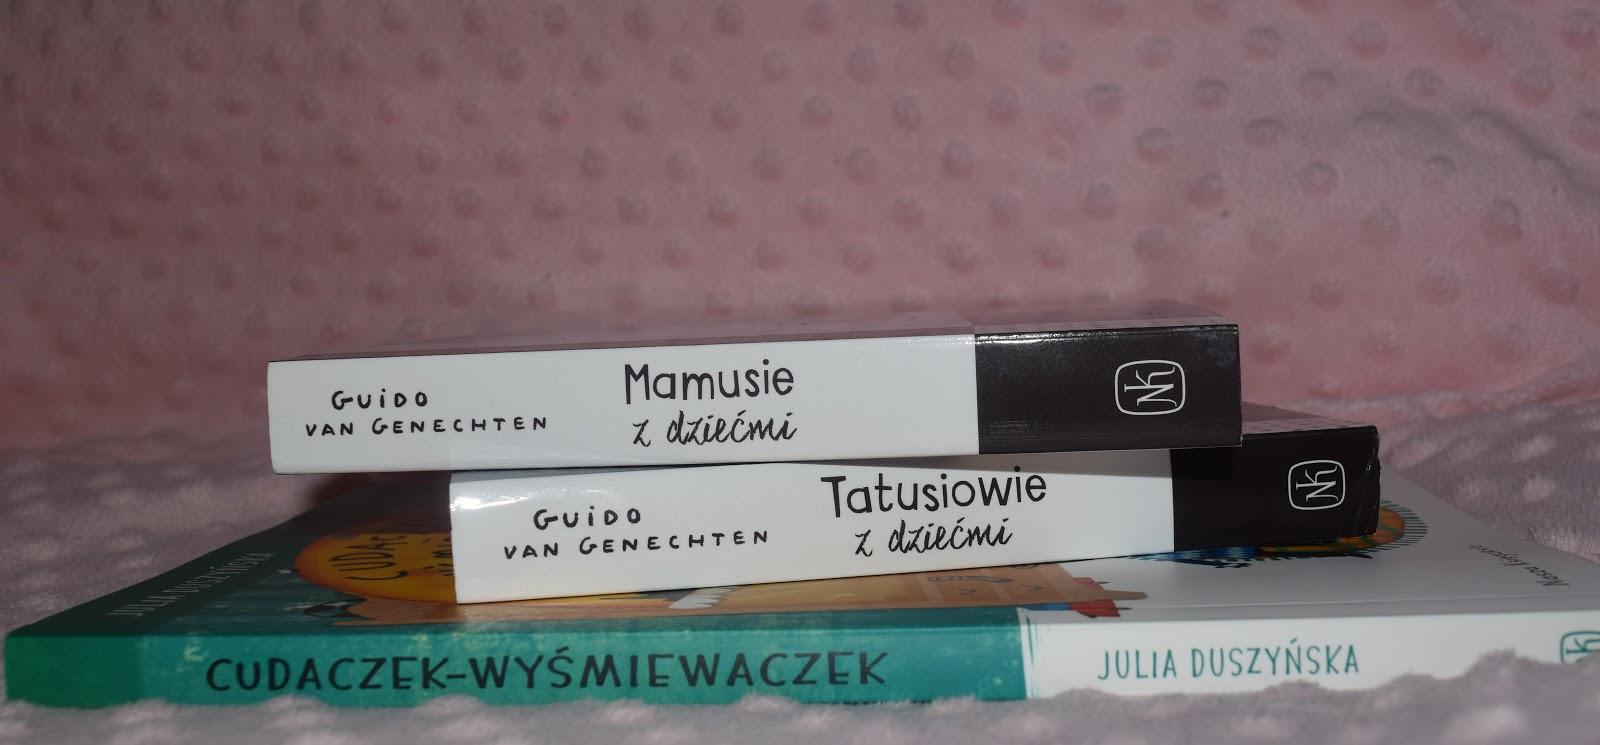 Cudaczek Wyśmiewaczek i Mamusie/Tatusiowie z dziećmi z wydawnictwa Nasza Księgarnia